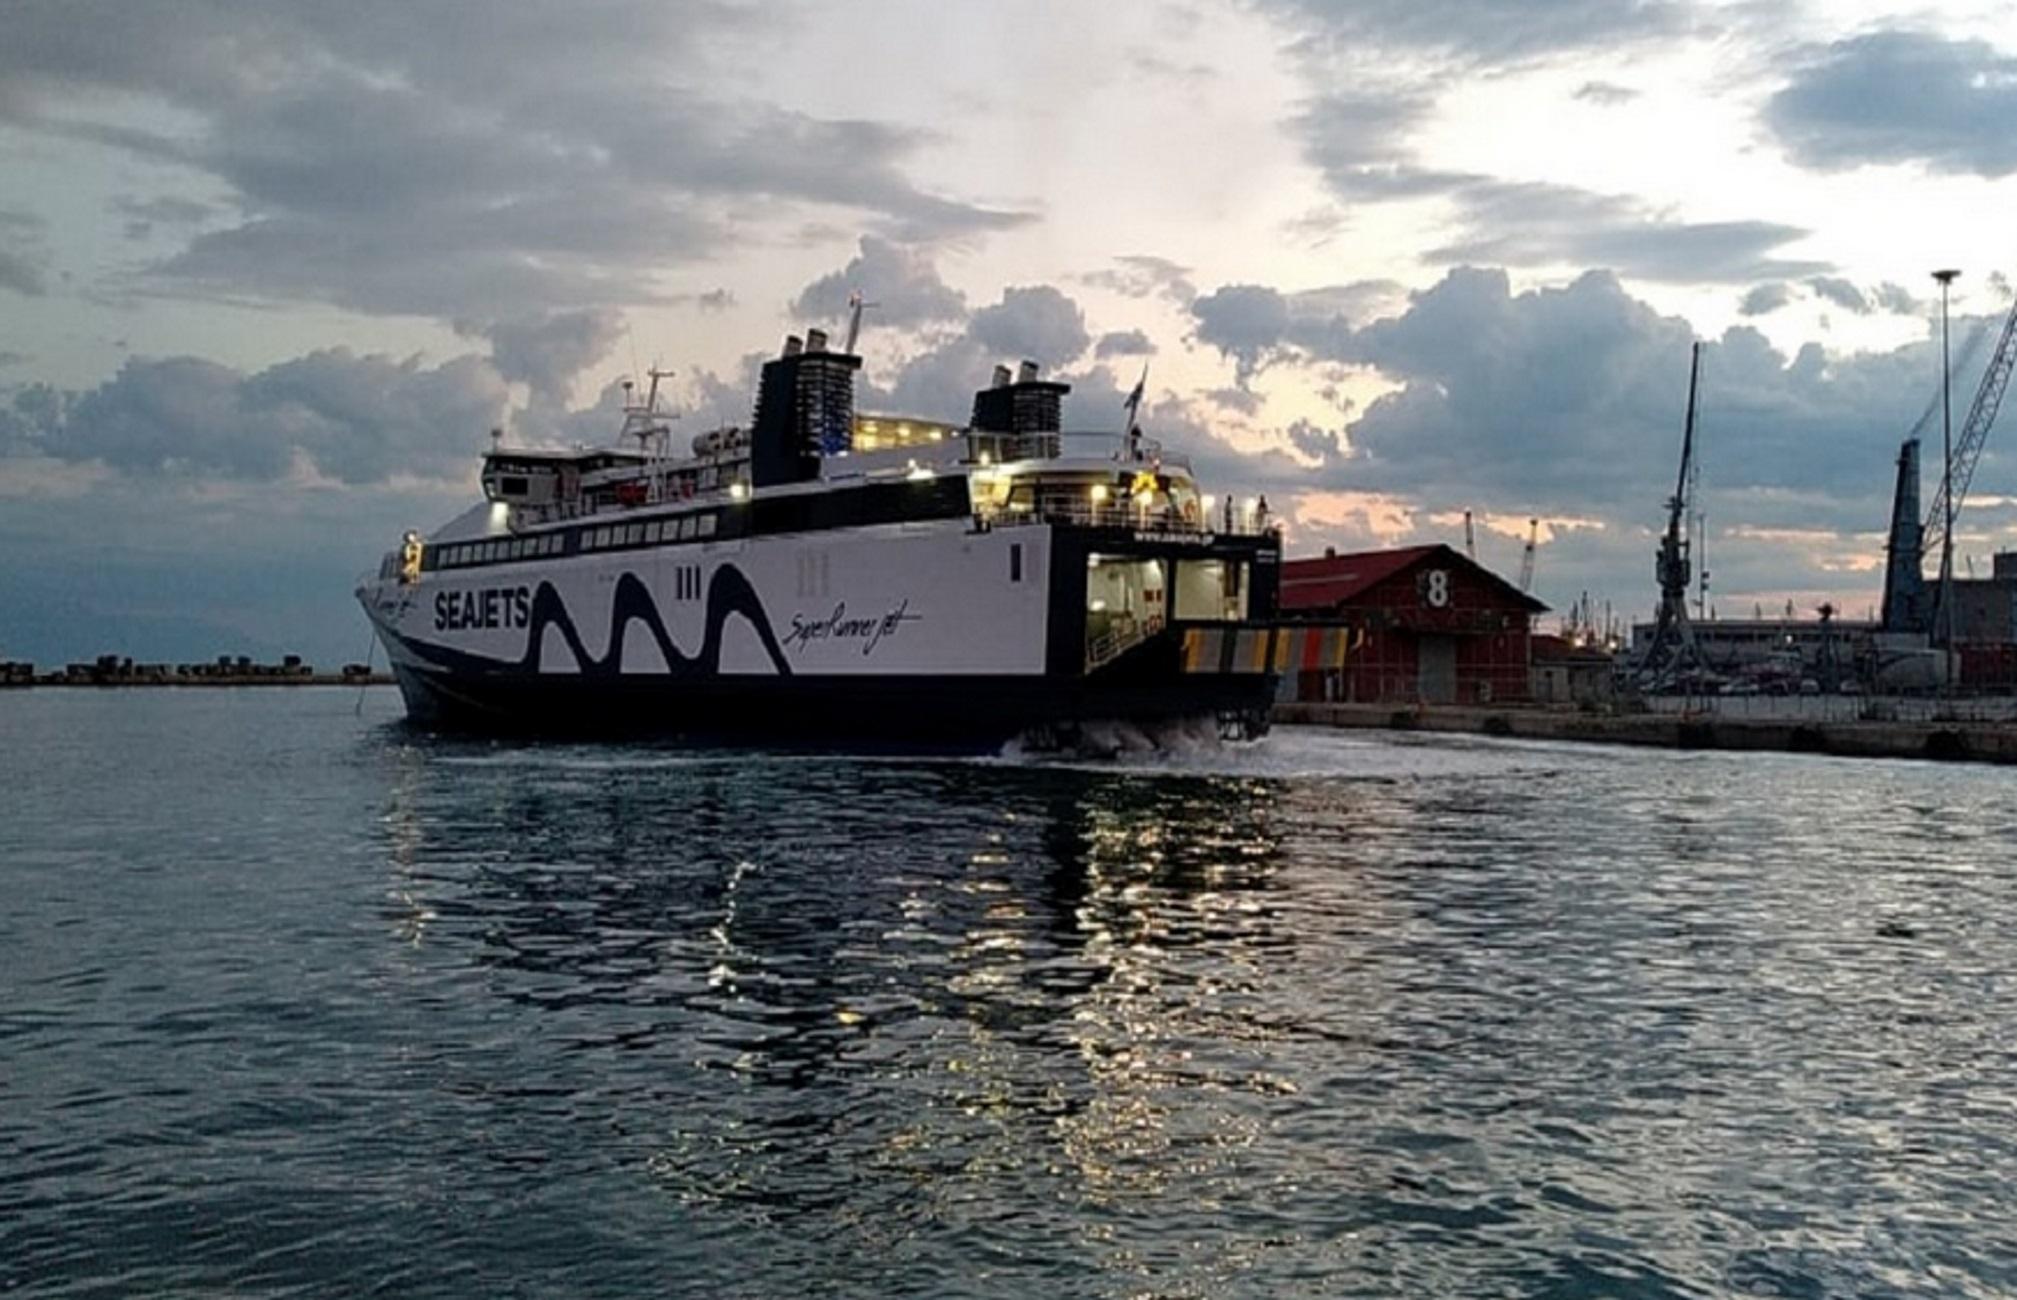 Θεσσαλονίκη: Έδεσε στο λιμάνι το Super Runner Jet – Ανάρπαστα τα εισιτήρια για το πρώτο ταξίδι